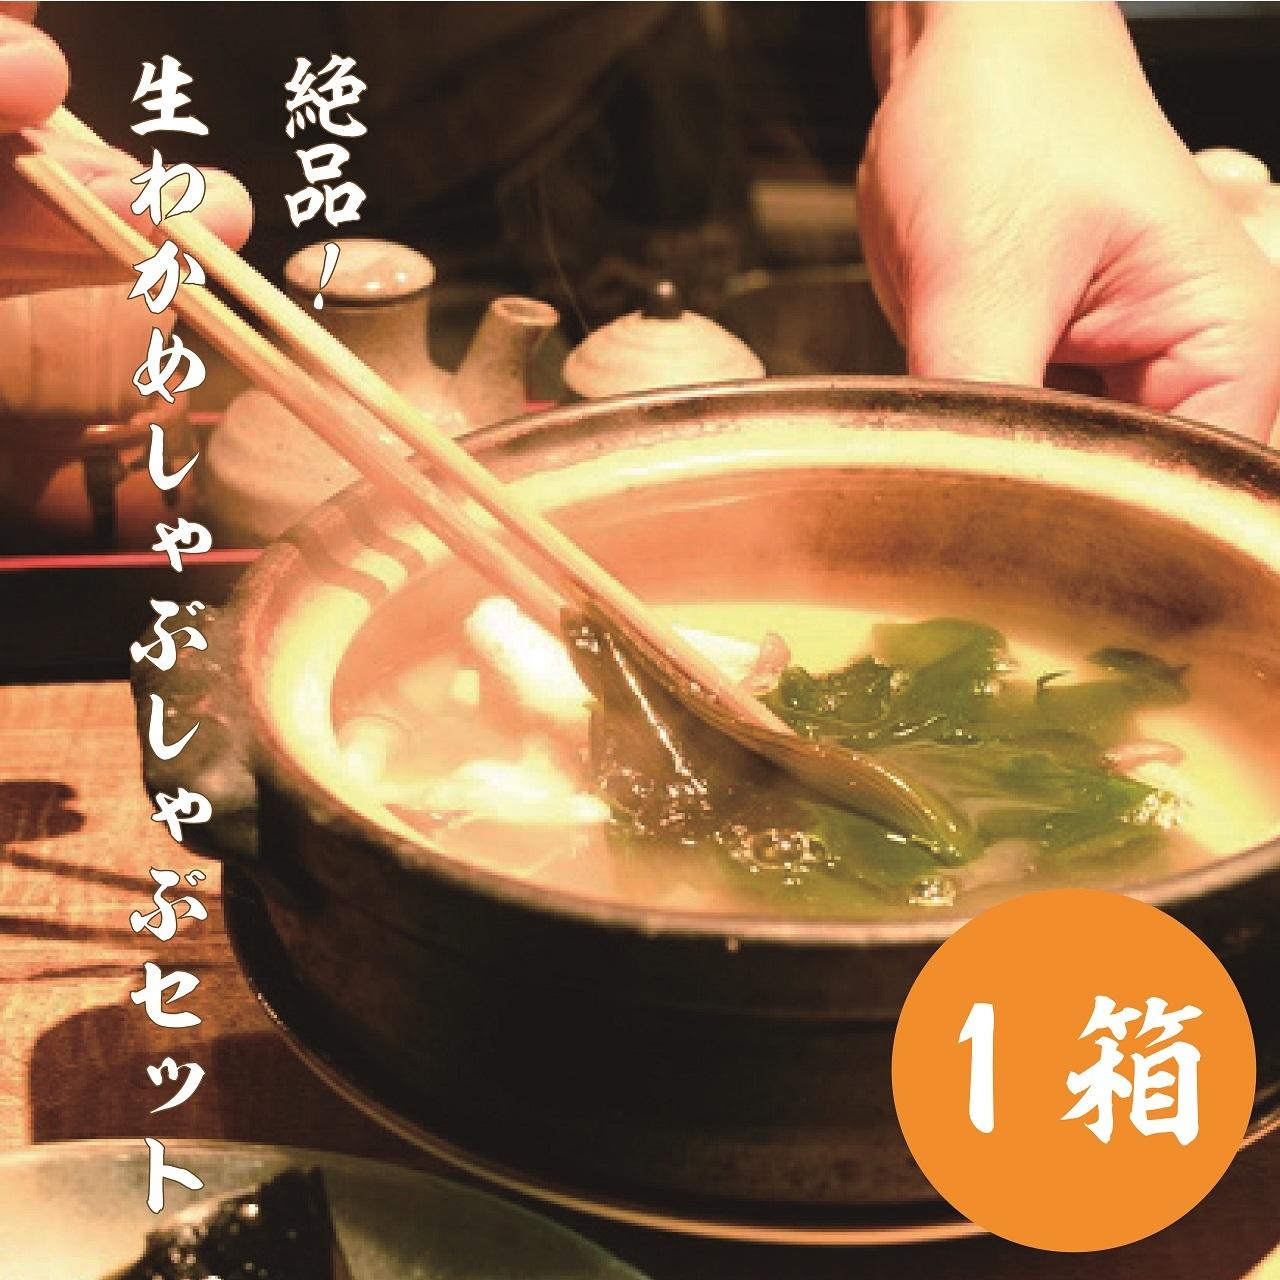 絶品!!生わかめしゃぶしゃぶセット(1箱) 4/3[金]出荷